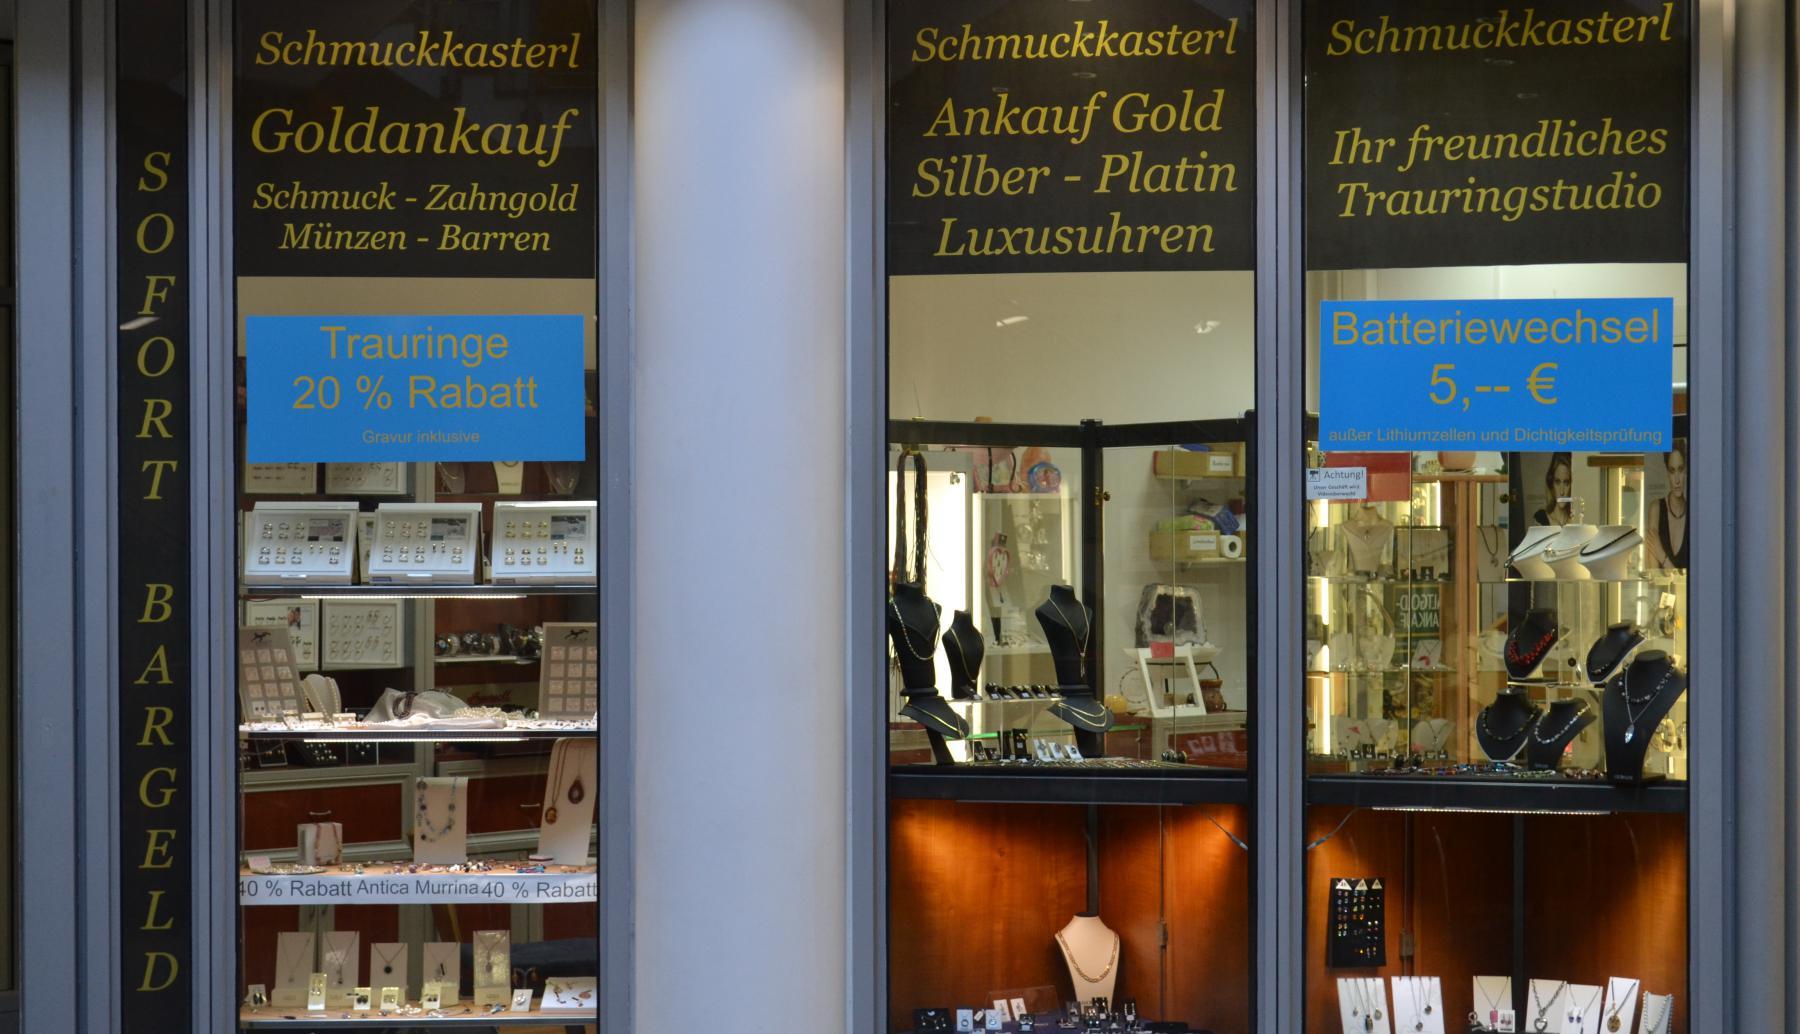 schmuckkasterl in regensburg dr gessler str 45. Black Bedroom Furniture Sets. Home Design Ideas